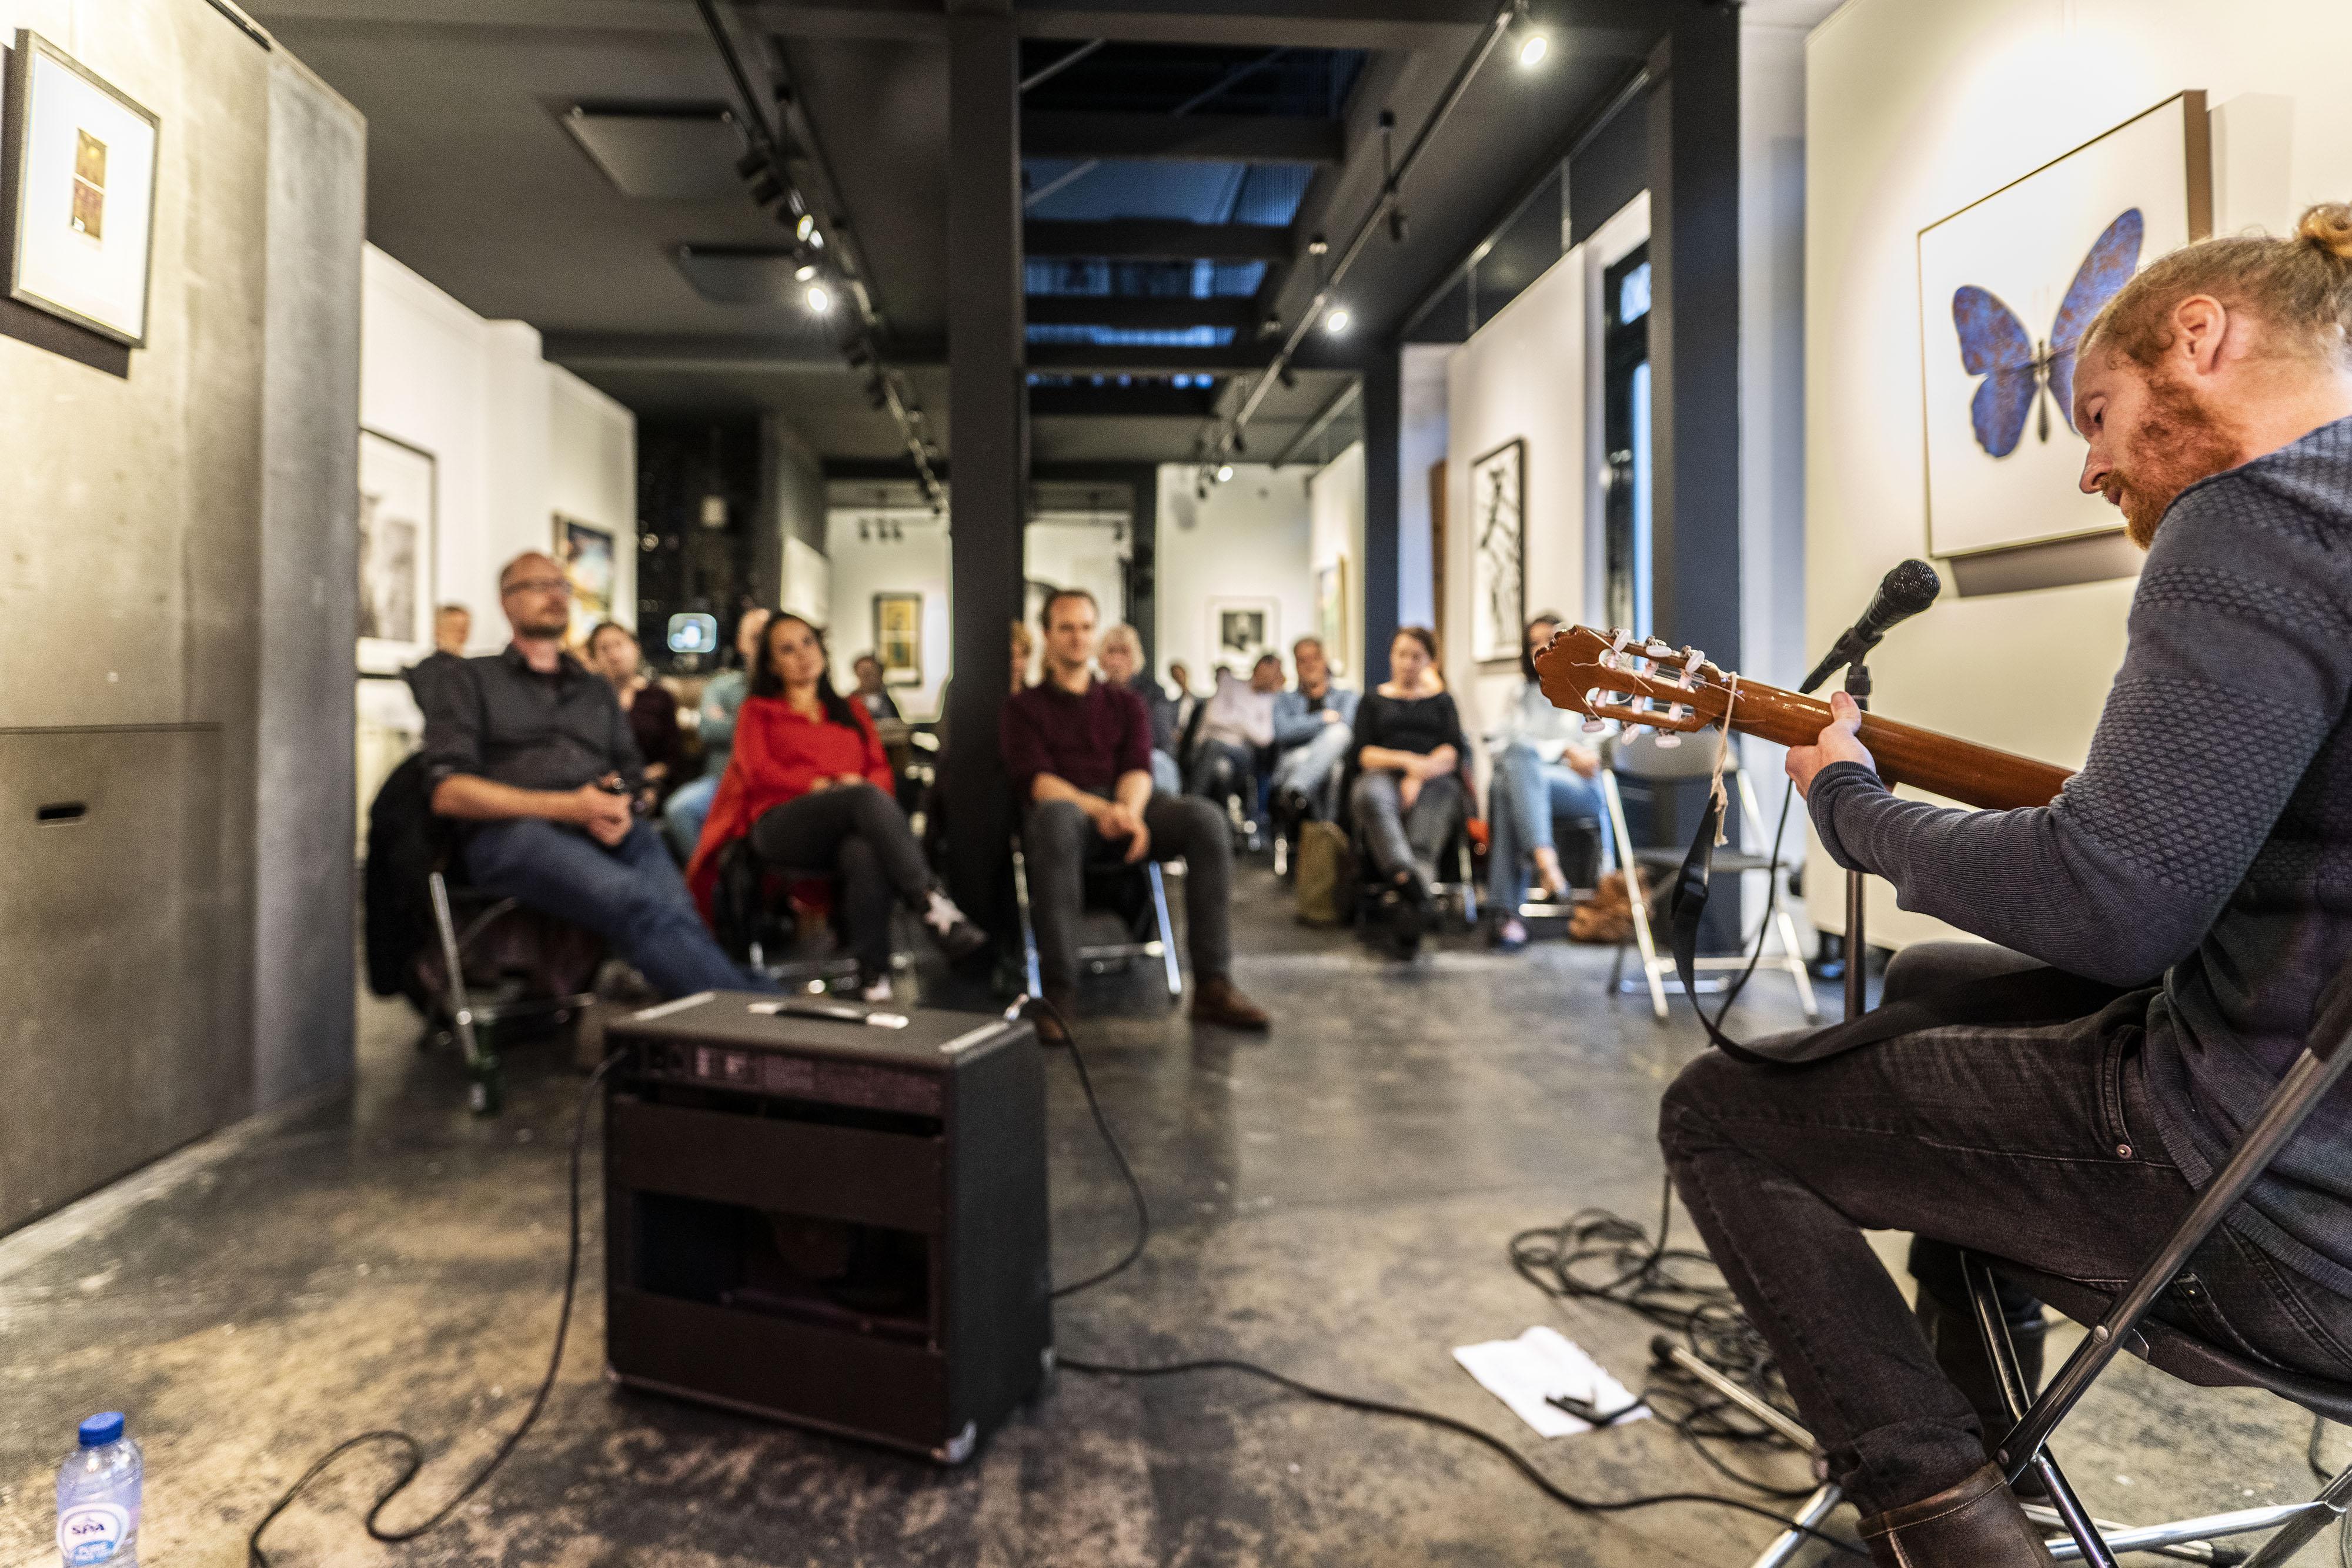 Weinig concerten in huiskamers bij deze aangepaste editie van Jazz in de Kamer